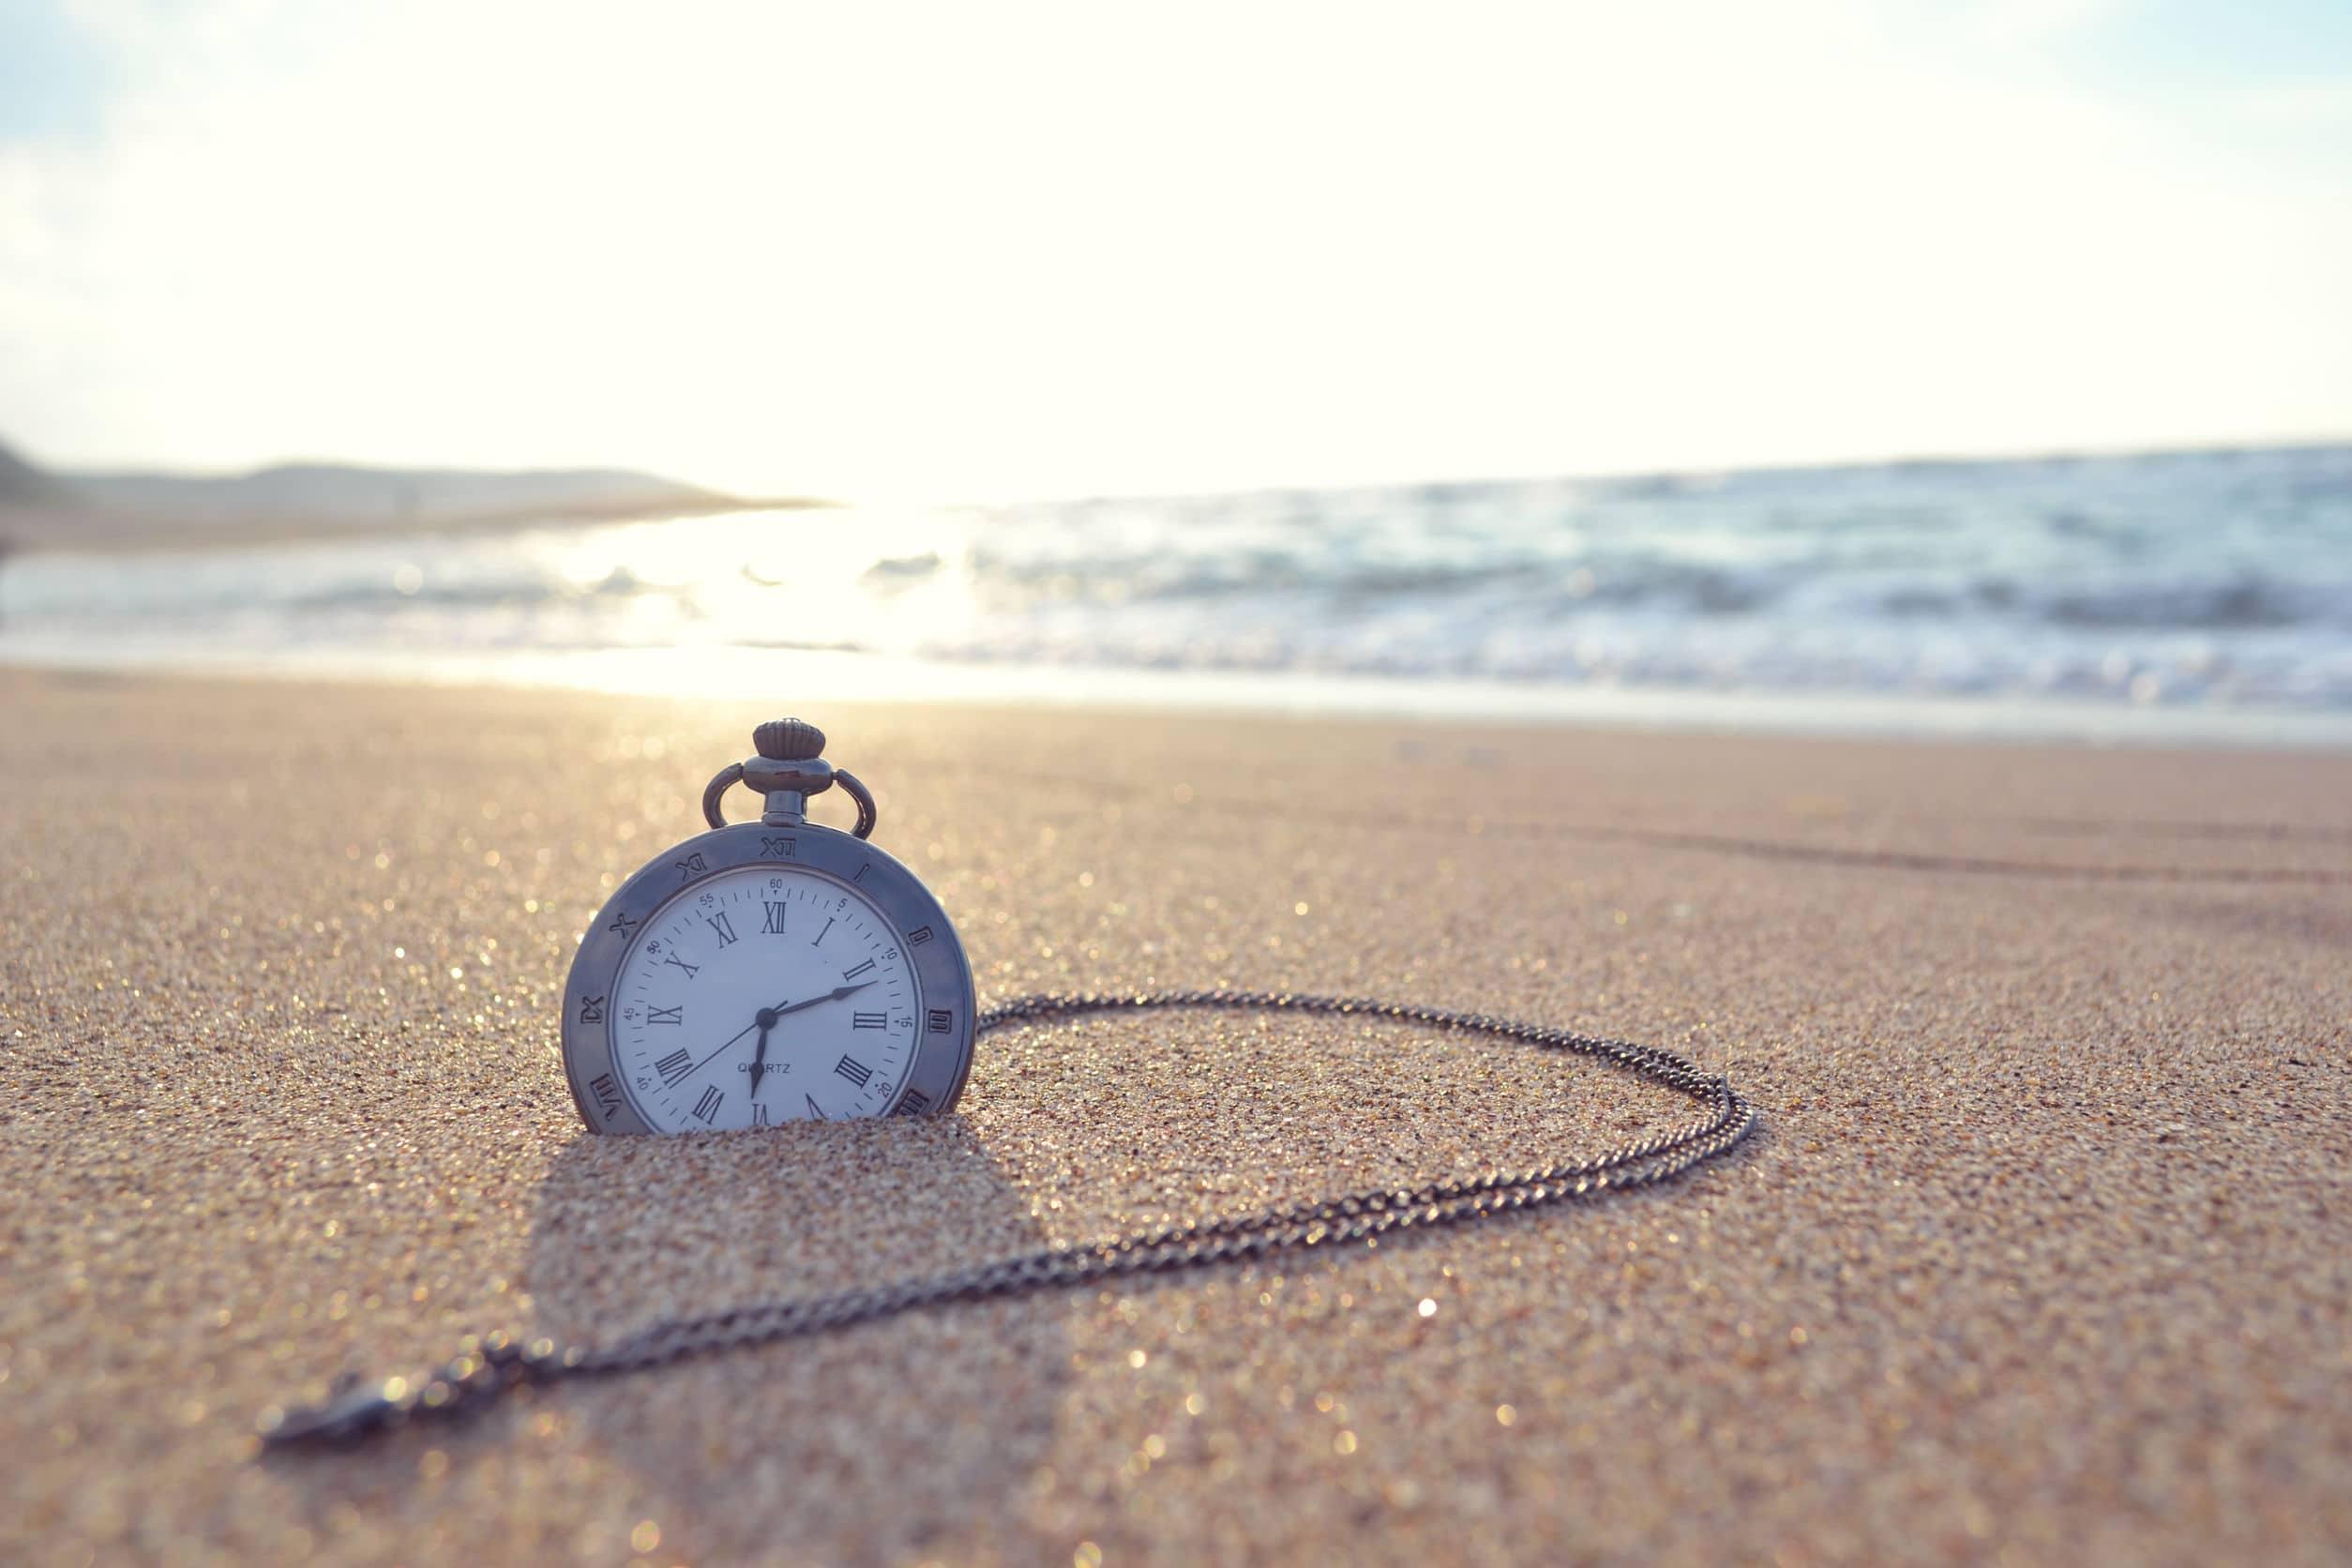 Relógio de bolso caído em areia da praia, com mar ao fundo.